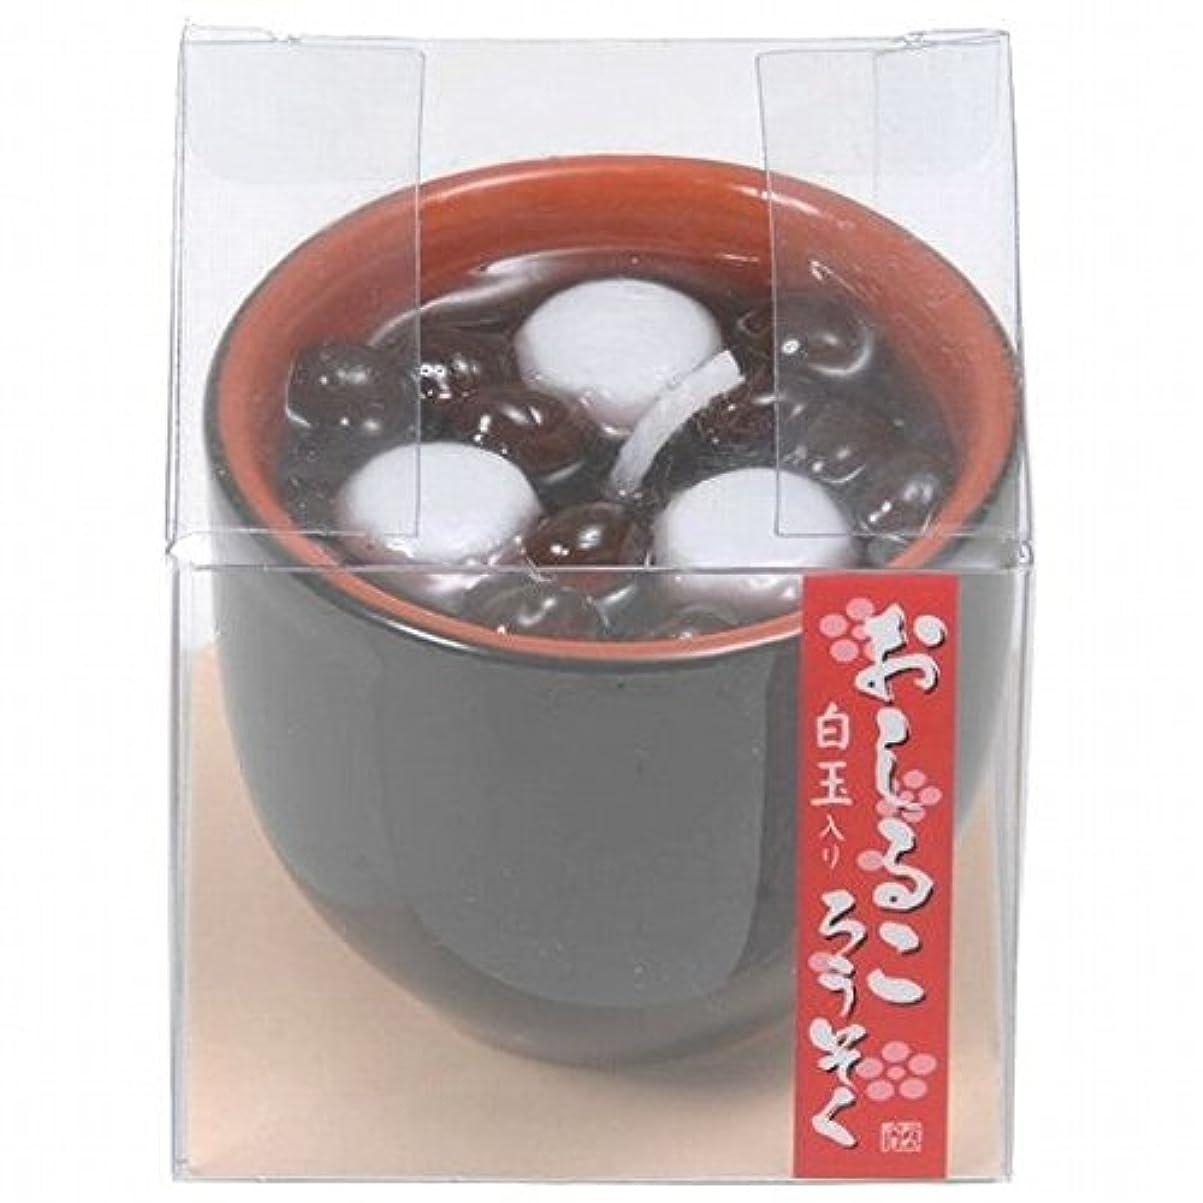 ダイエット逃す紀元前kameyama candle(カメヤマキャンドル) おしるころうそく キャンドル(86440000)